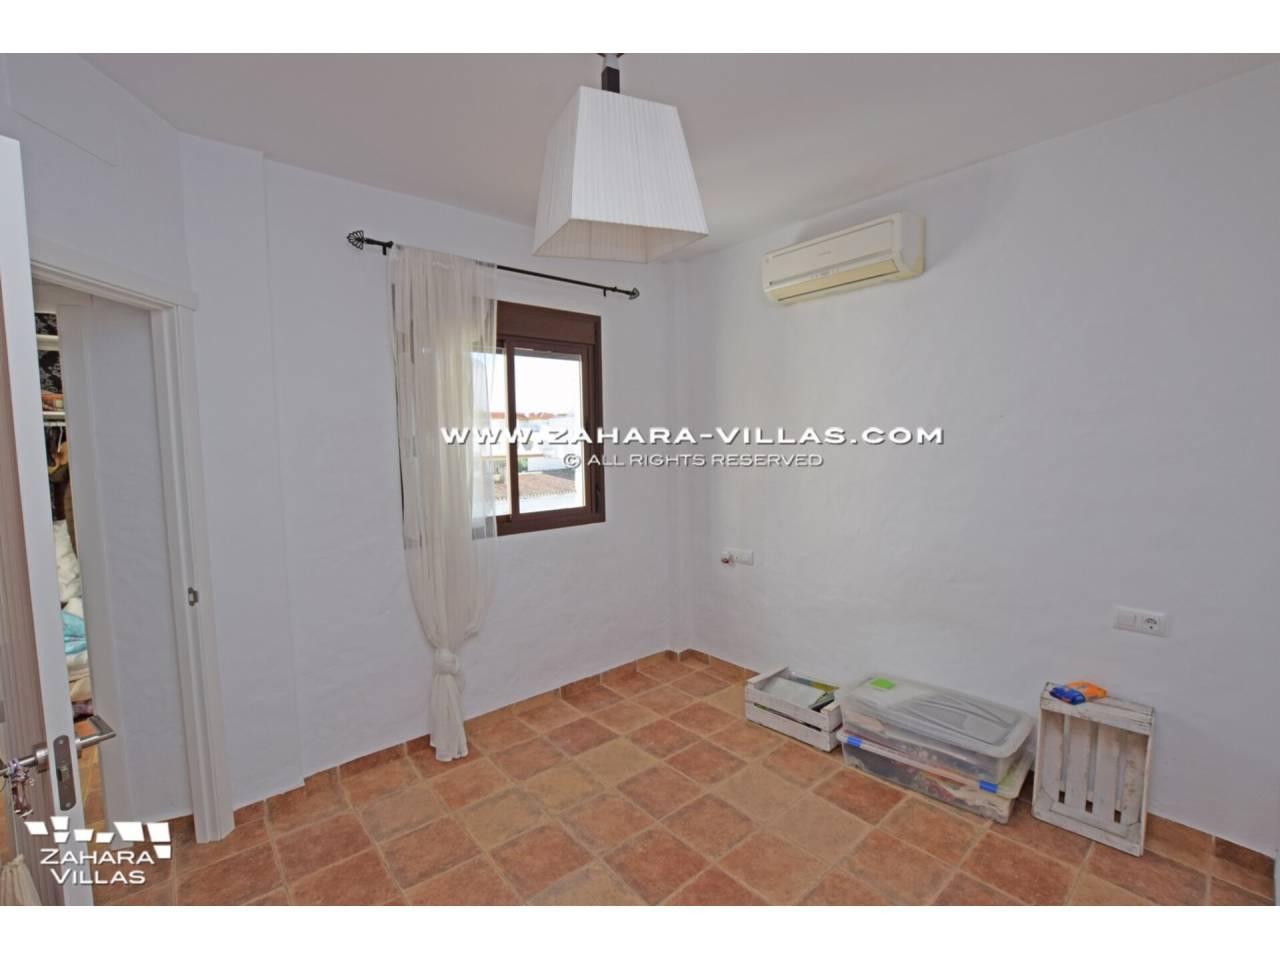 Imagen 5 de Haus zum verkauf in Zahara de los Atunes